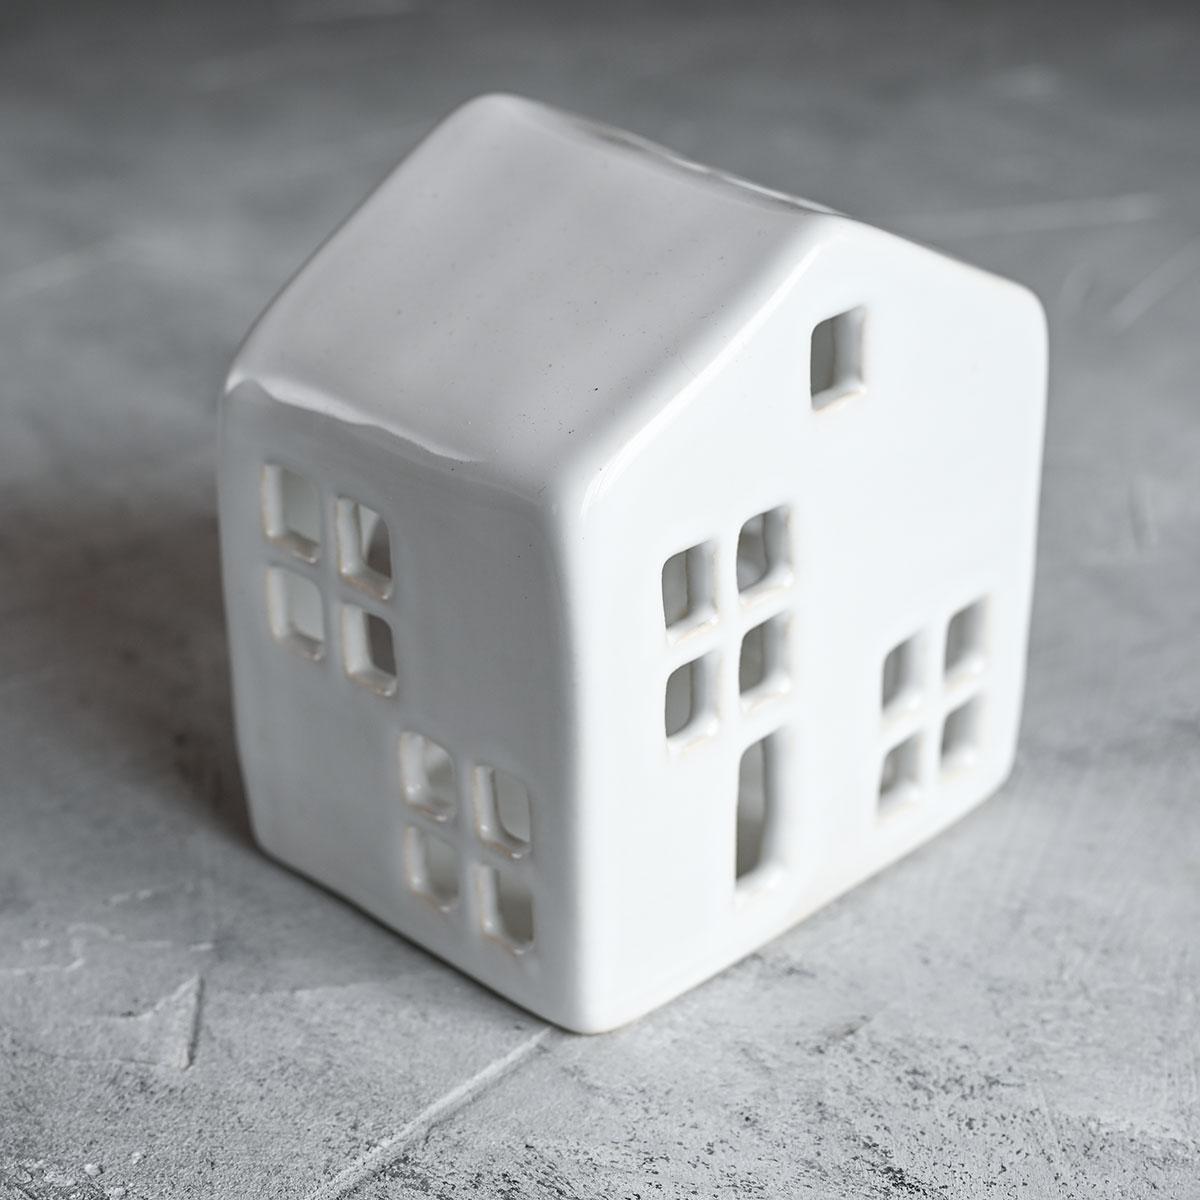 """картинка Керамический подсвечник """"Дом"""" 3 - DishWishes.Ru"""